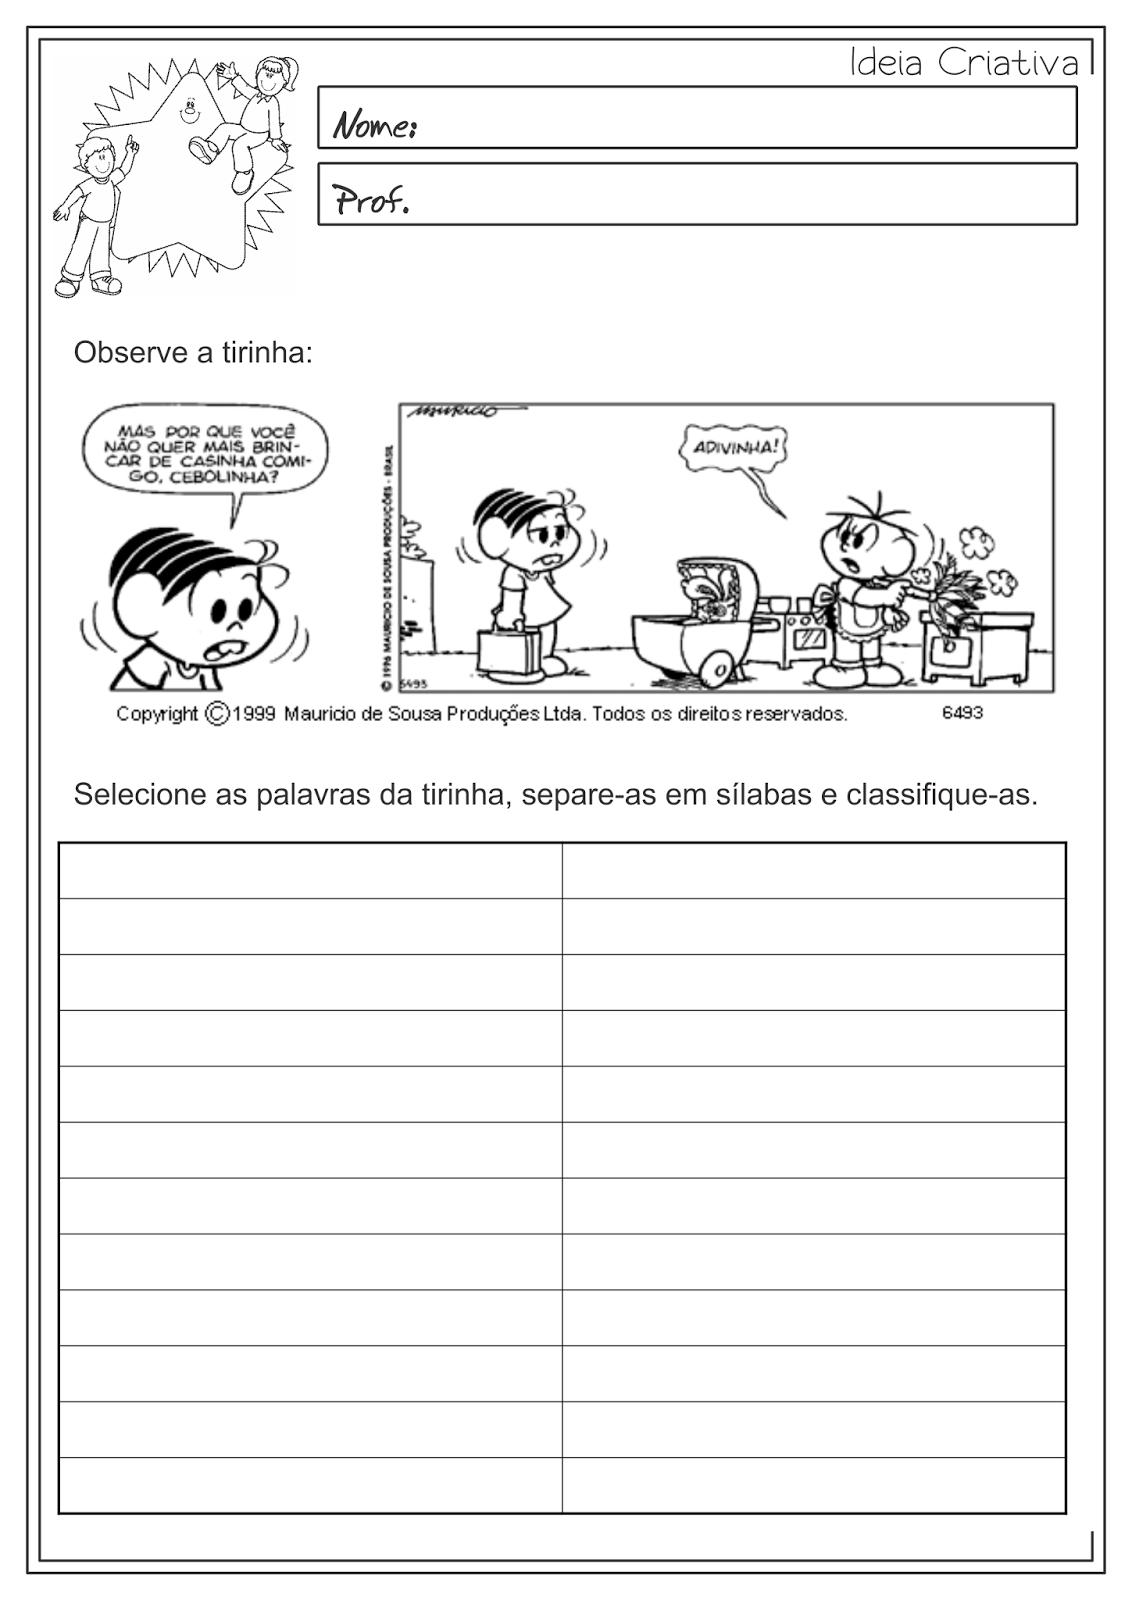 Atividades Educativas Classificação e Separação de Sílabas Língua Portuguesa para Ensino Fundamental